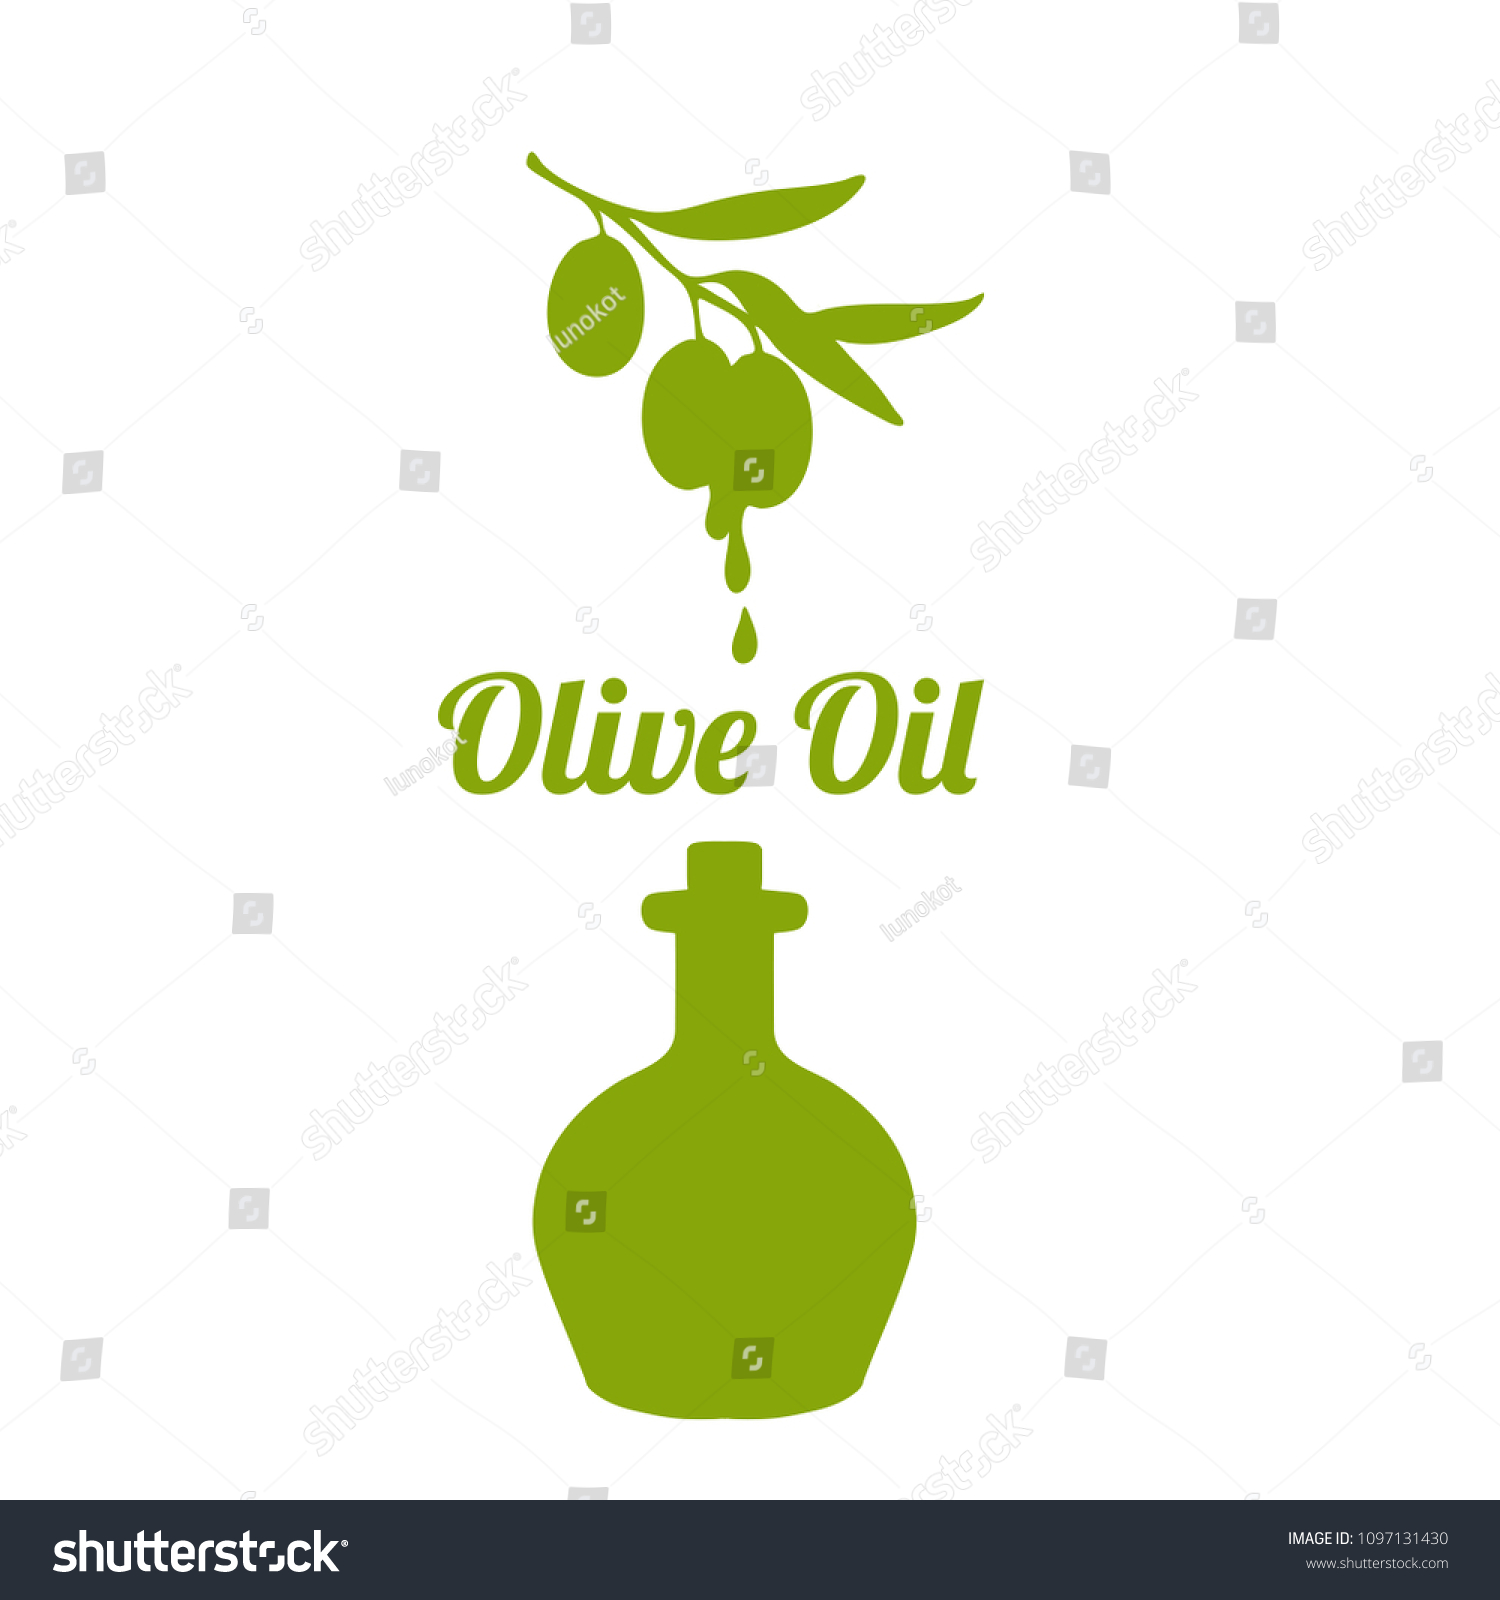 Silhouette Olive Oil Bottle Olives Branch Stock Vector 1097131430 ...